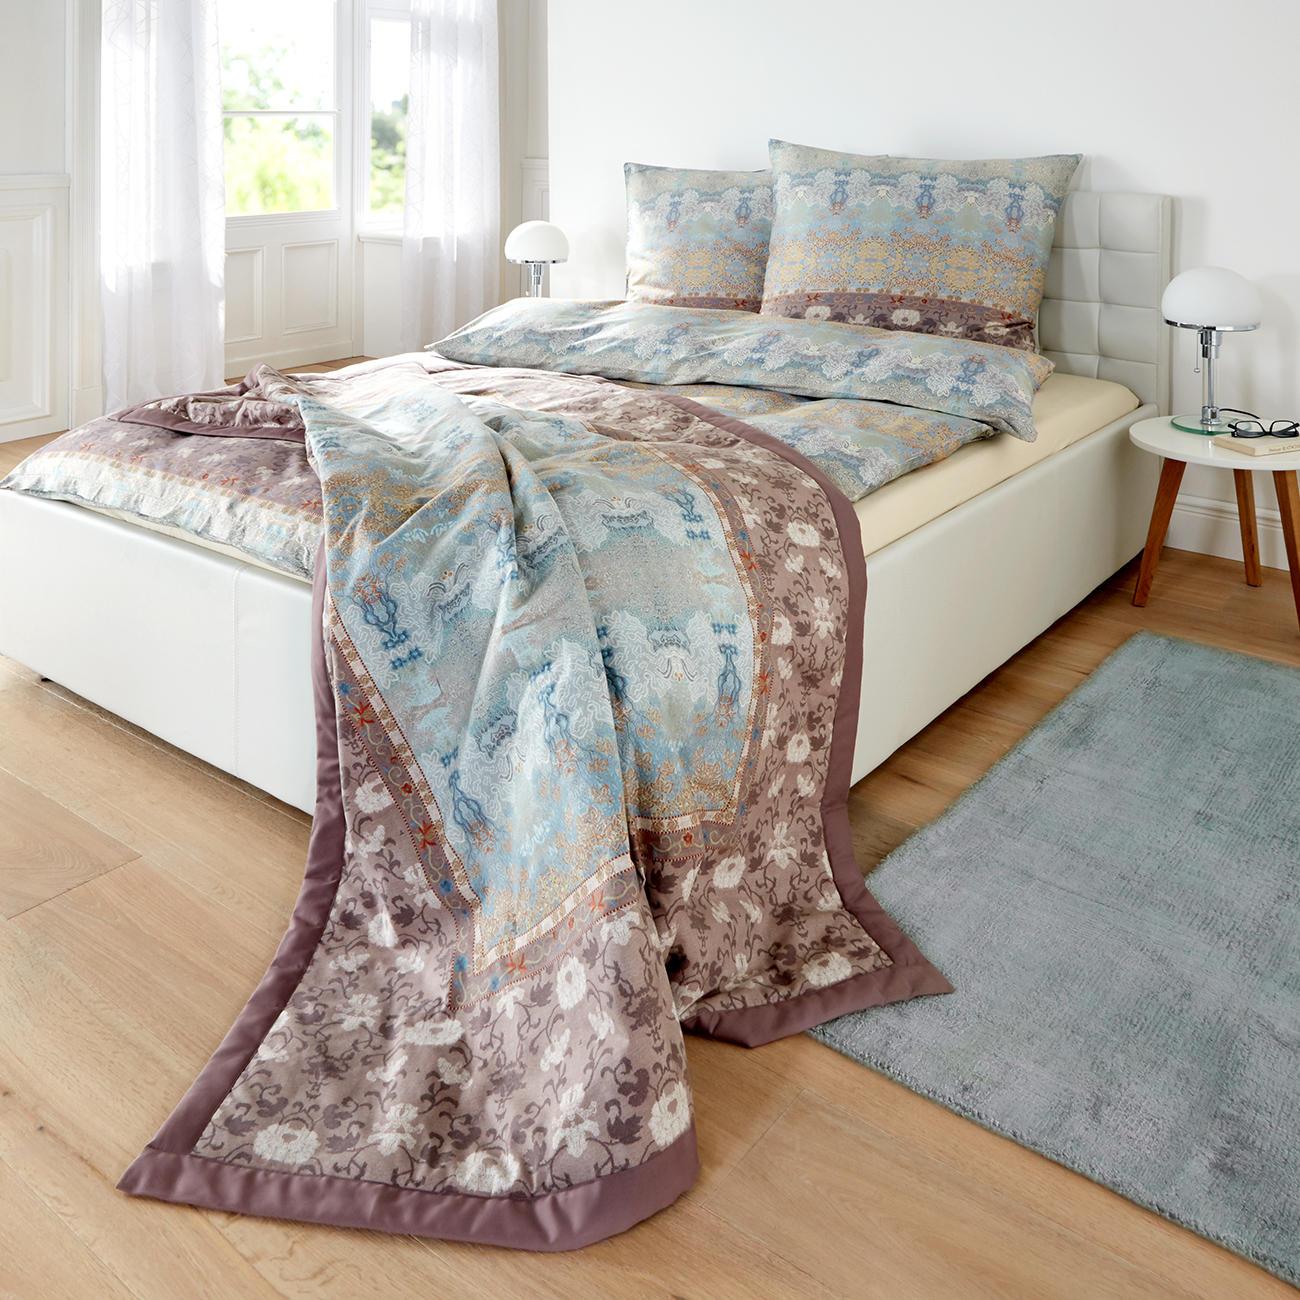 bassetti bettw sche preisvergleich die besten angebote online kaufen. Black Bedroom Furniture Sets. Home Design Ideas